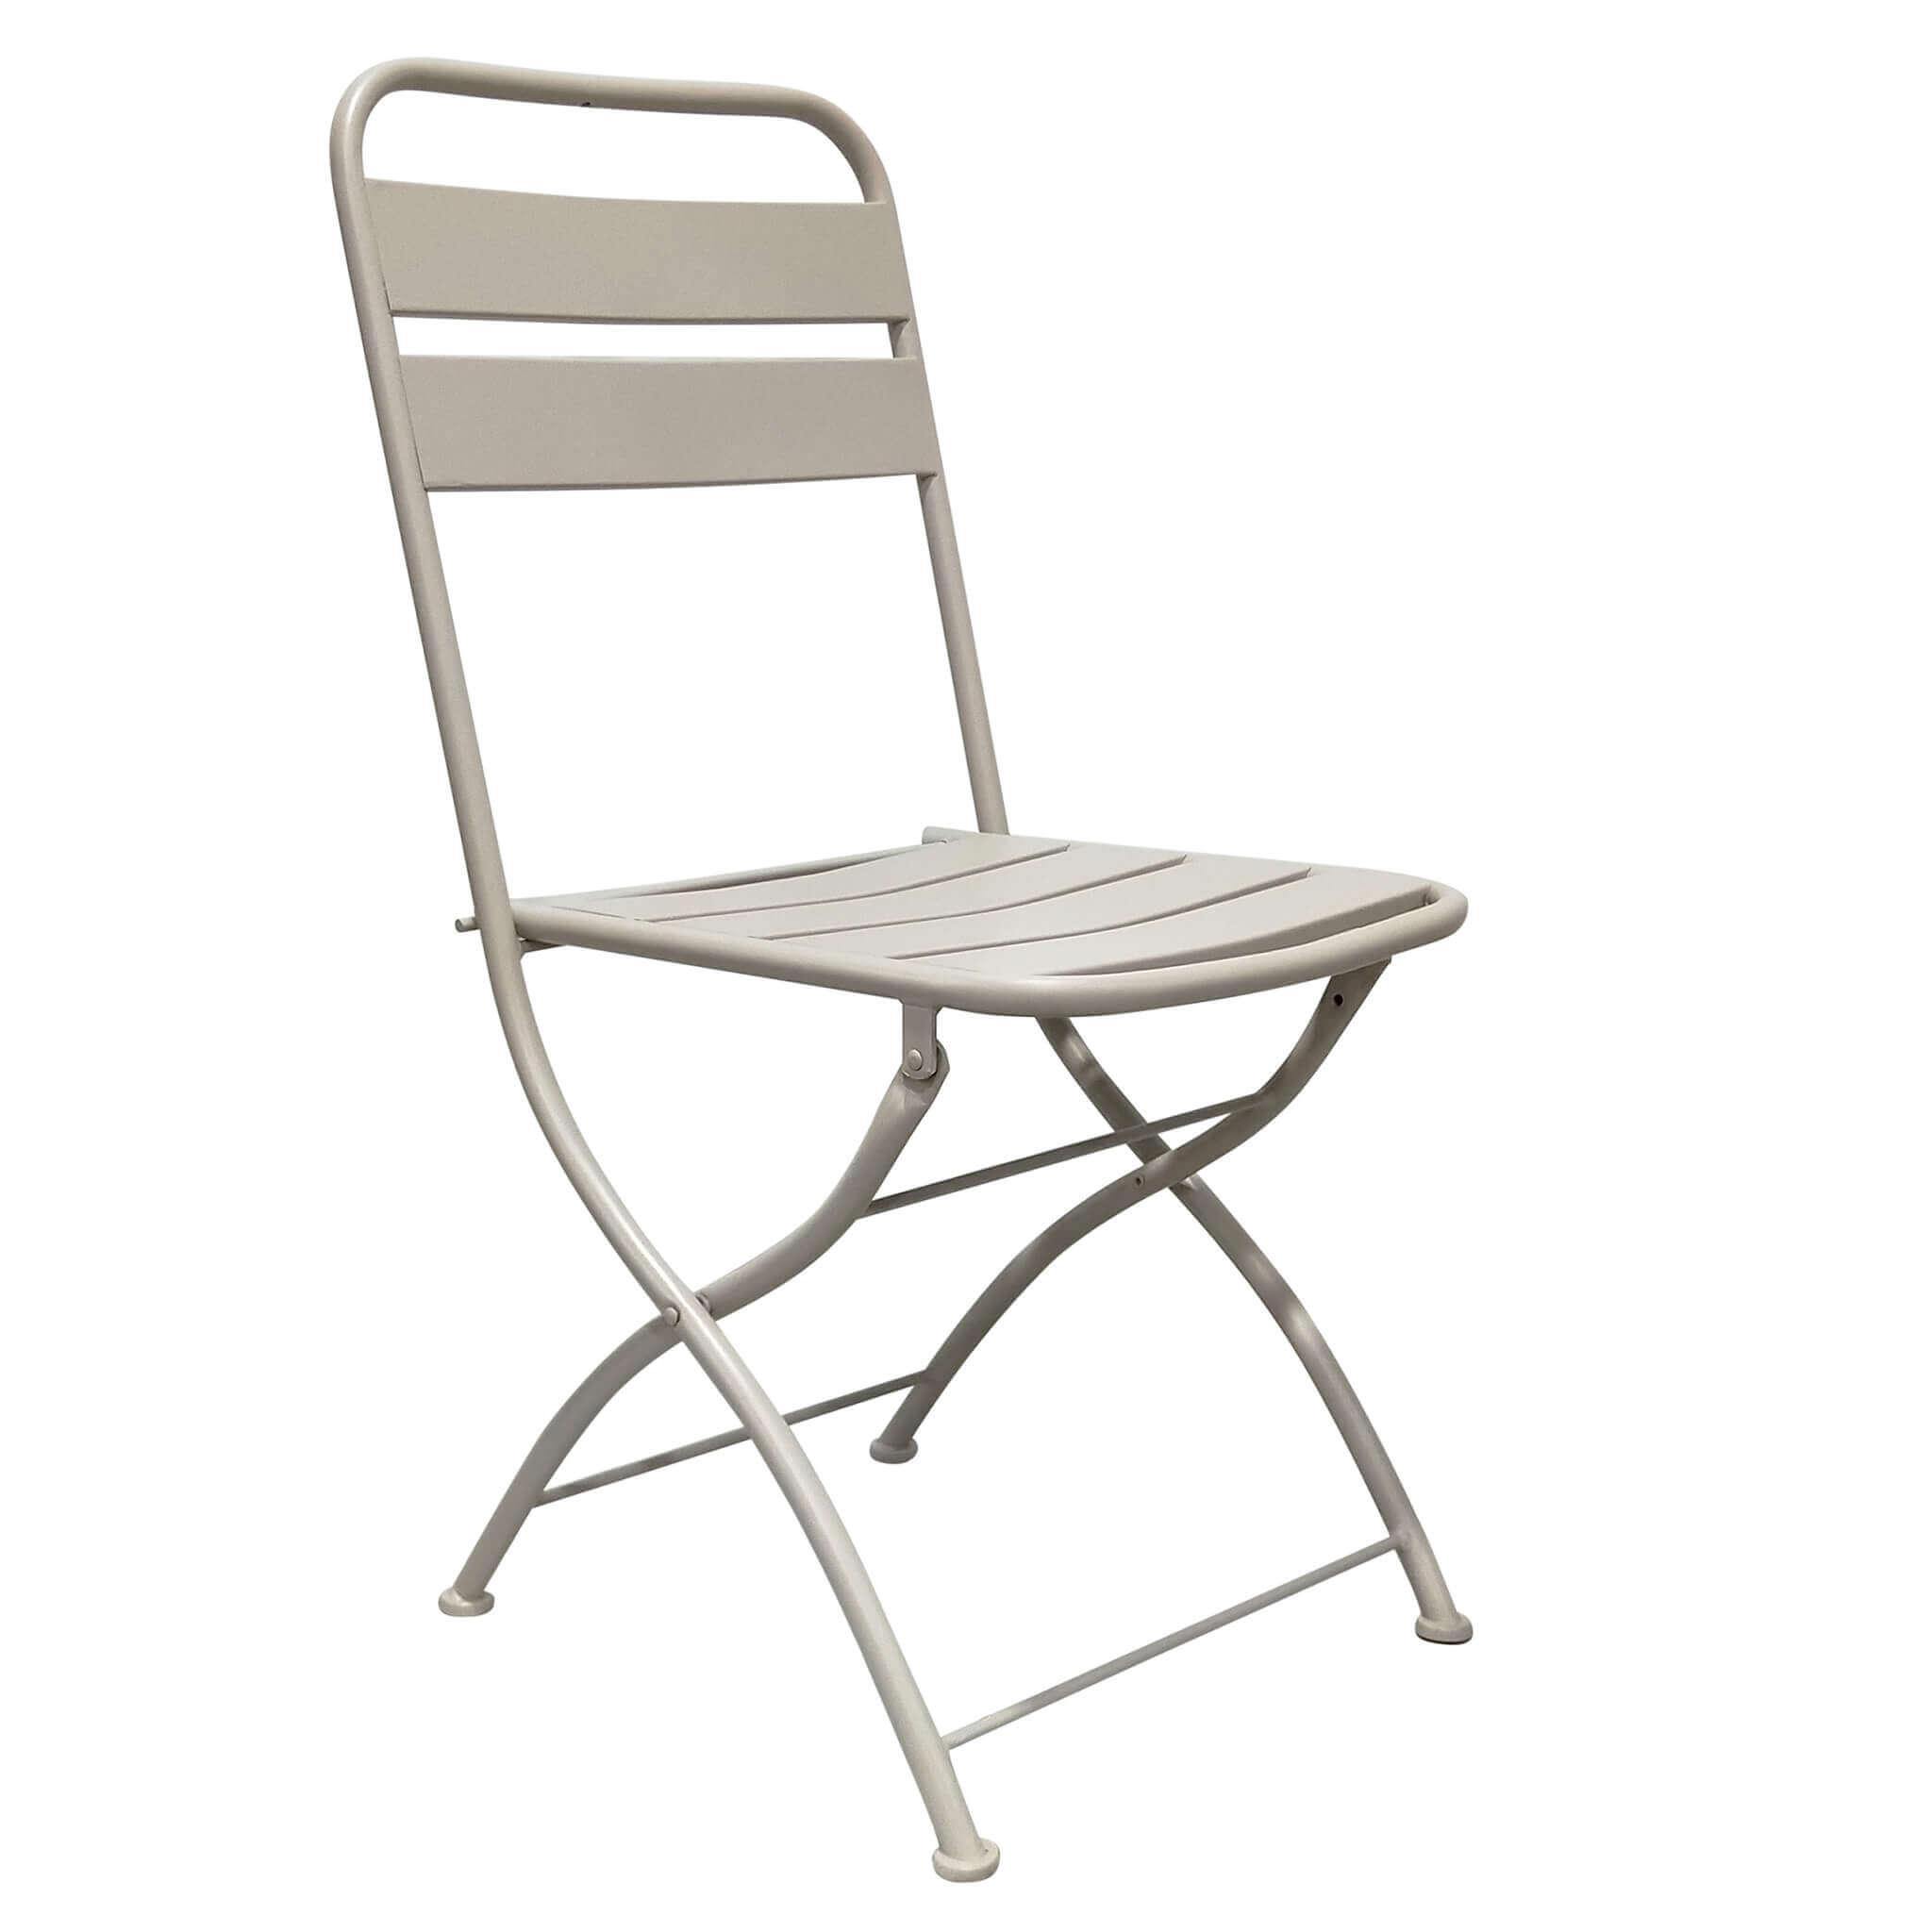 milani home romanus - sedia da giardino pieghevole salvaspazio in ferro cm 42x50x88 h